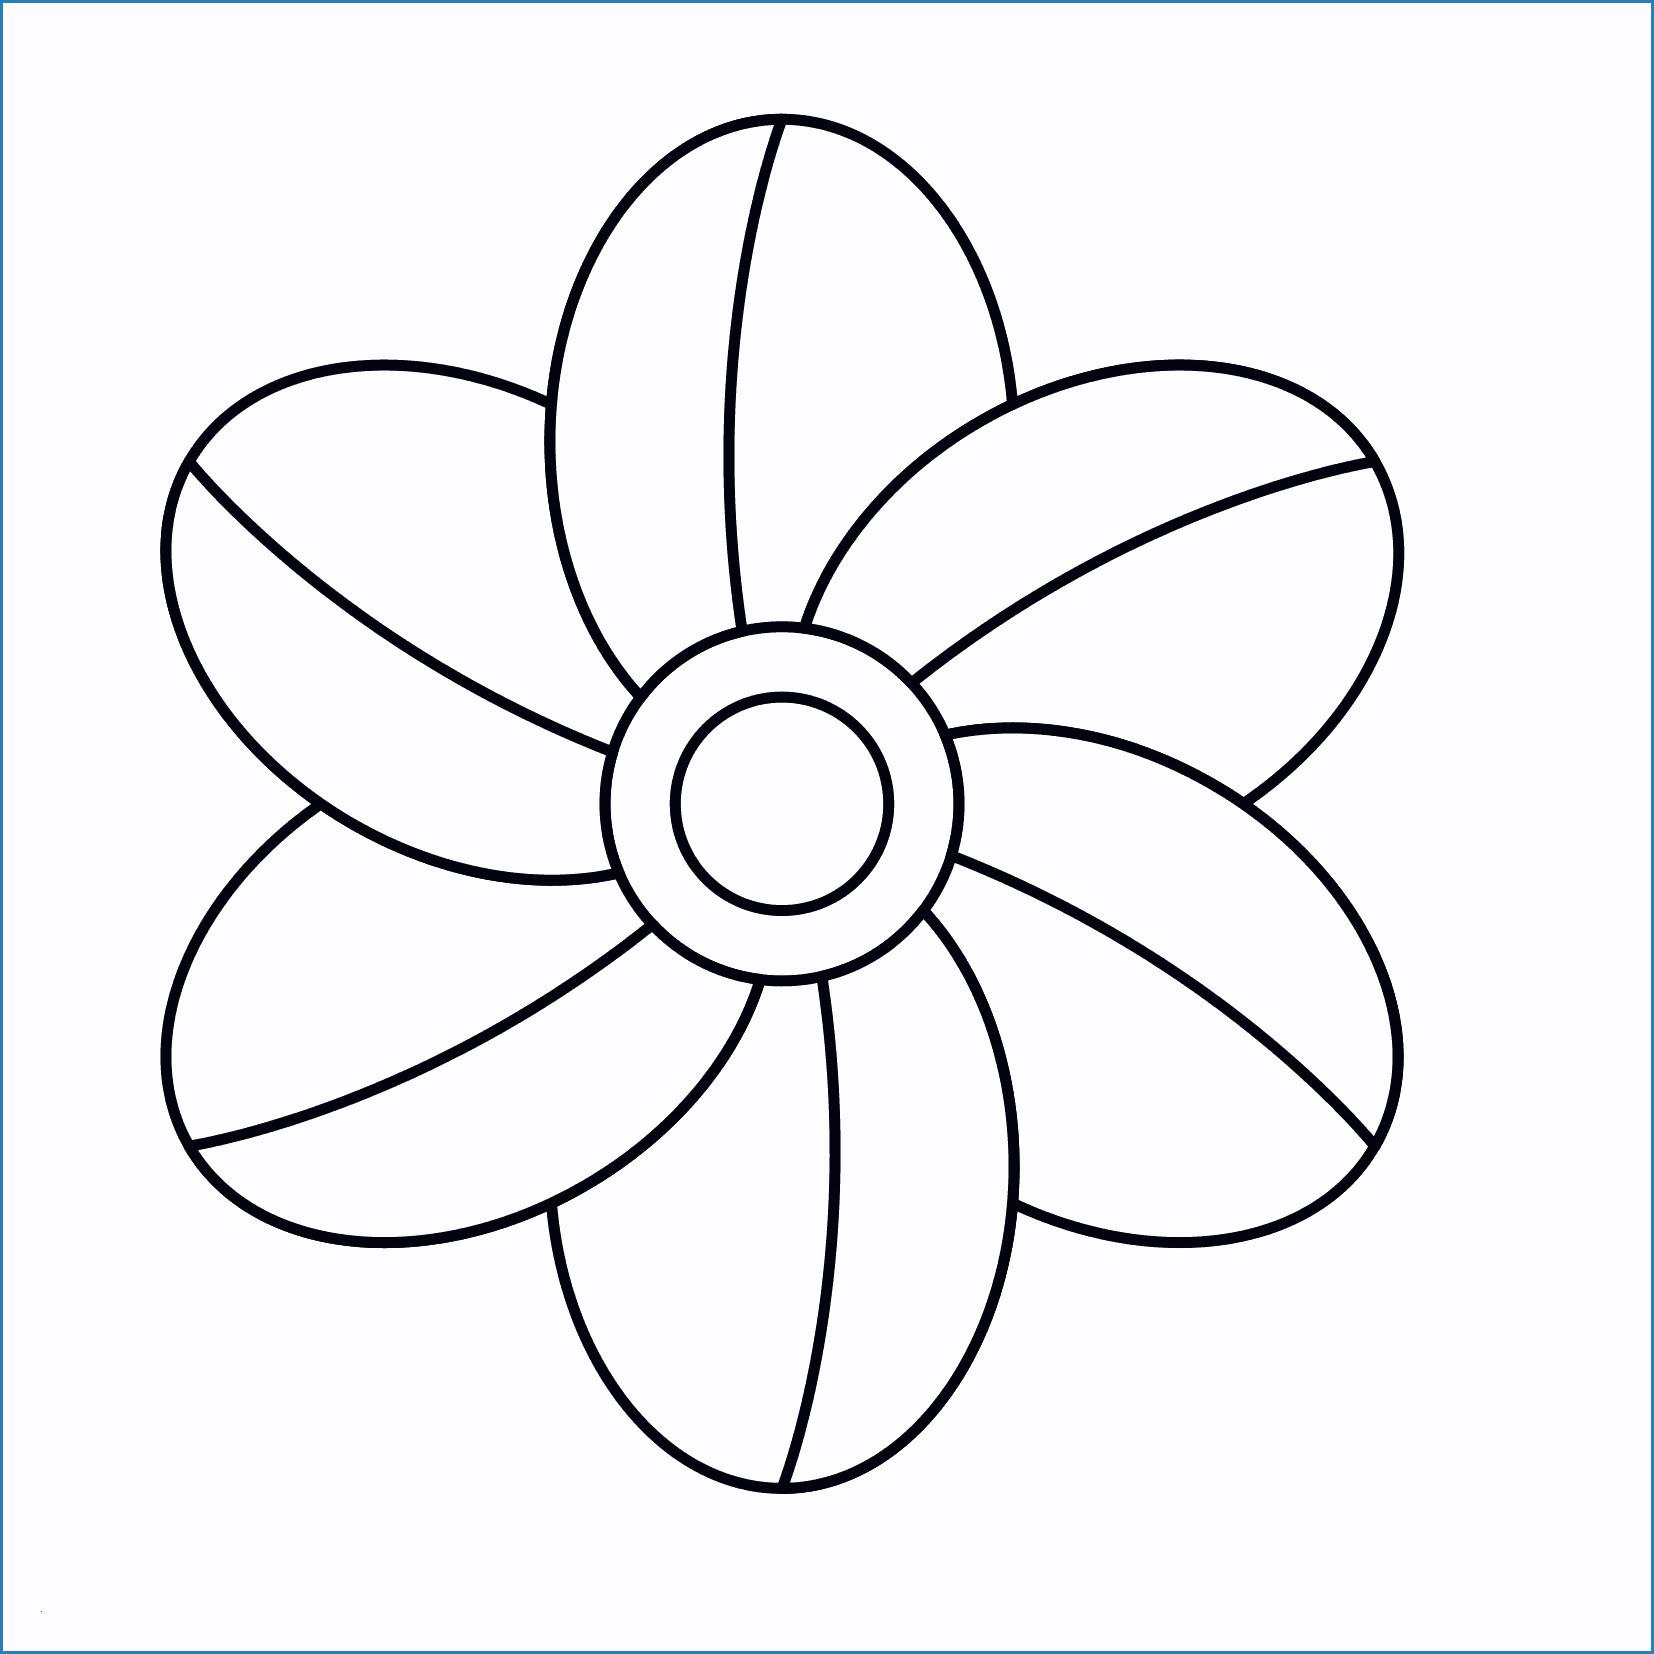 Malvorlagen Blumen Ranken Genial Blumen Vorlagen Zum Ausschneiden Frisch 37 Malvorlagen Blumen Gratis Galerie